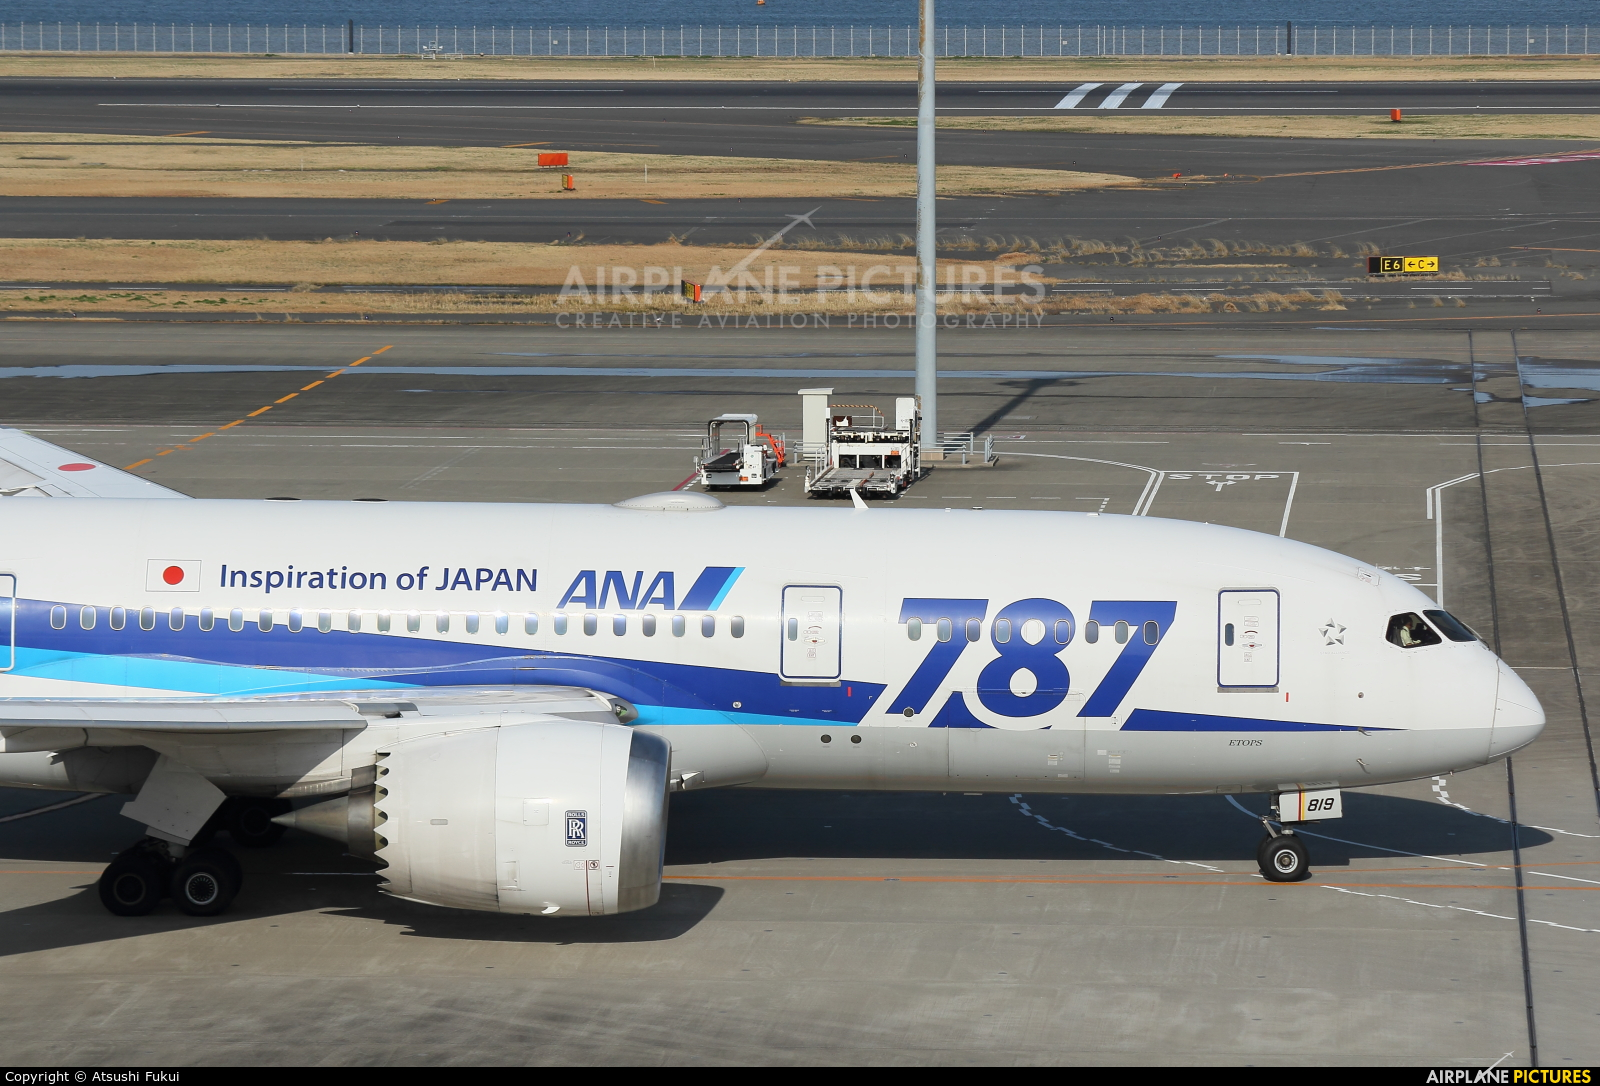 ANA - All Nippon Airways JA819A aircraft at Tokyo - Haneda Intl